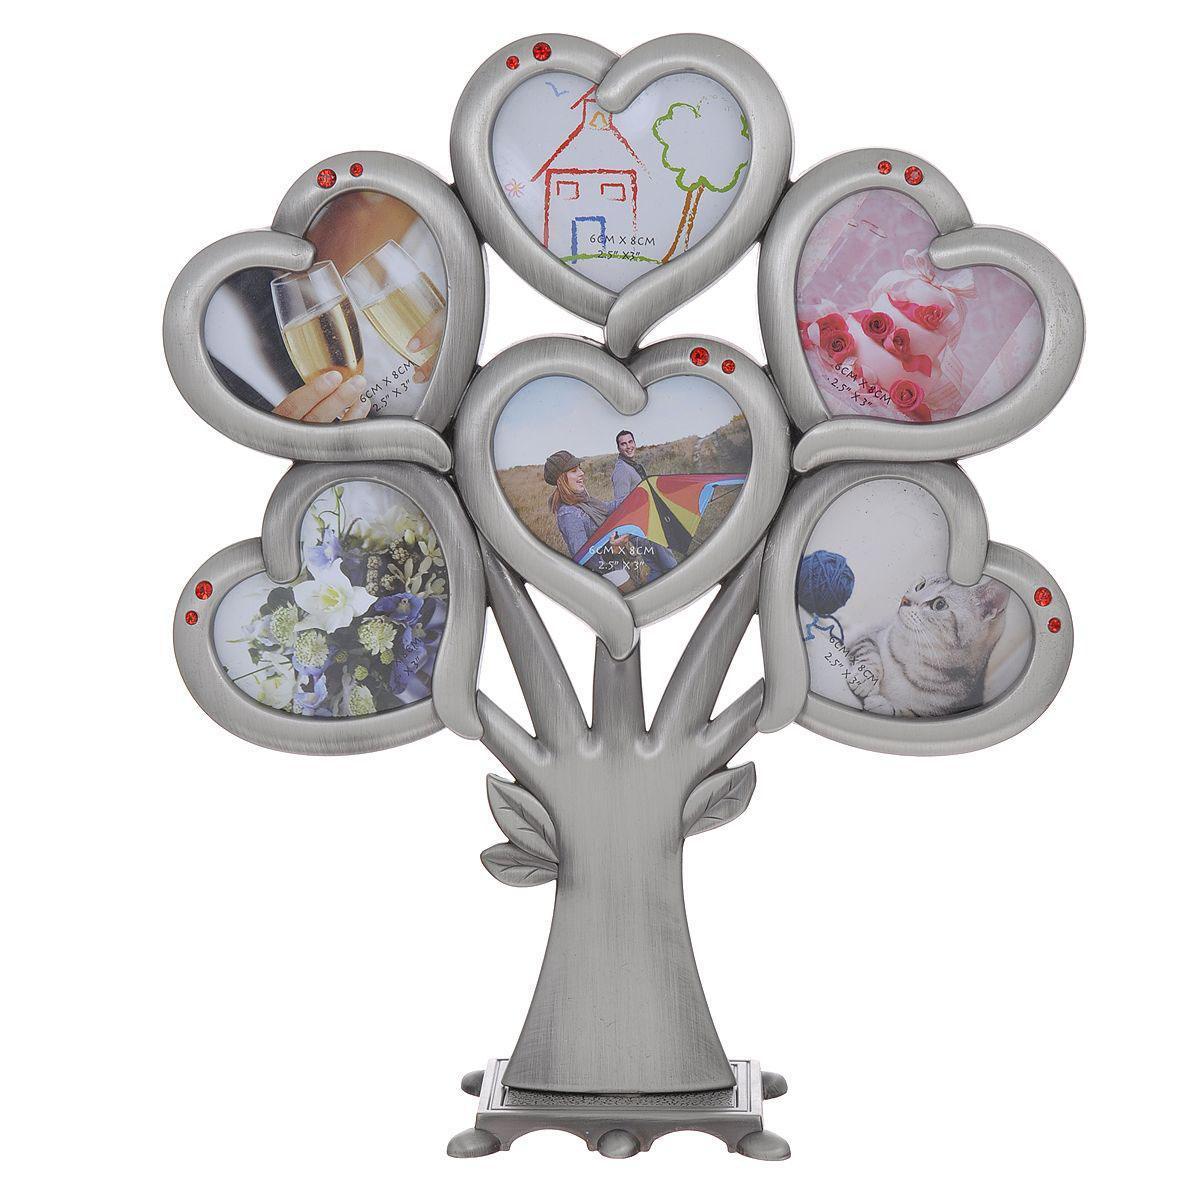 Декоративная фоторамка Дерево, на 6 фото, 6 х 8 см 264026Platinum JW40-7 ГОРИЦИЯ-ЗОЛОТОЙ 21x30Декоративная фоторамка Дерево выполнена из металла цвета серый металлик. Фоторамка представляет собой дерево с шестью рамочками в форме сердца, украшенных красными стразами. Изысканная и эффектная, эта потрясающая рамочка покорит своей красотой и изумительным качеством исполнения. Декоративная фоторамка Дерево не только украсит интерьер помещения, но и поможет разместить фото всей вашей семьи.